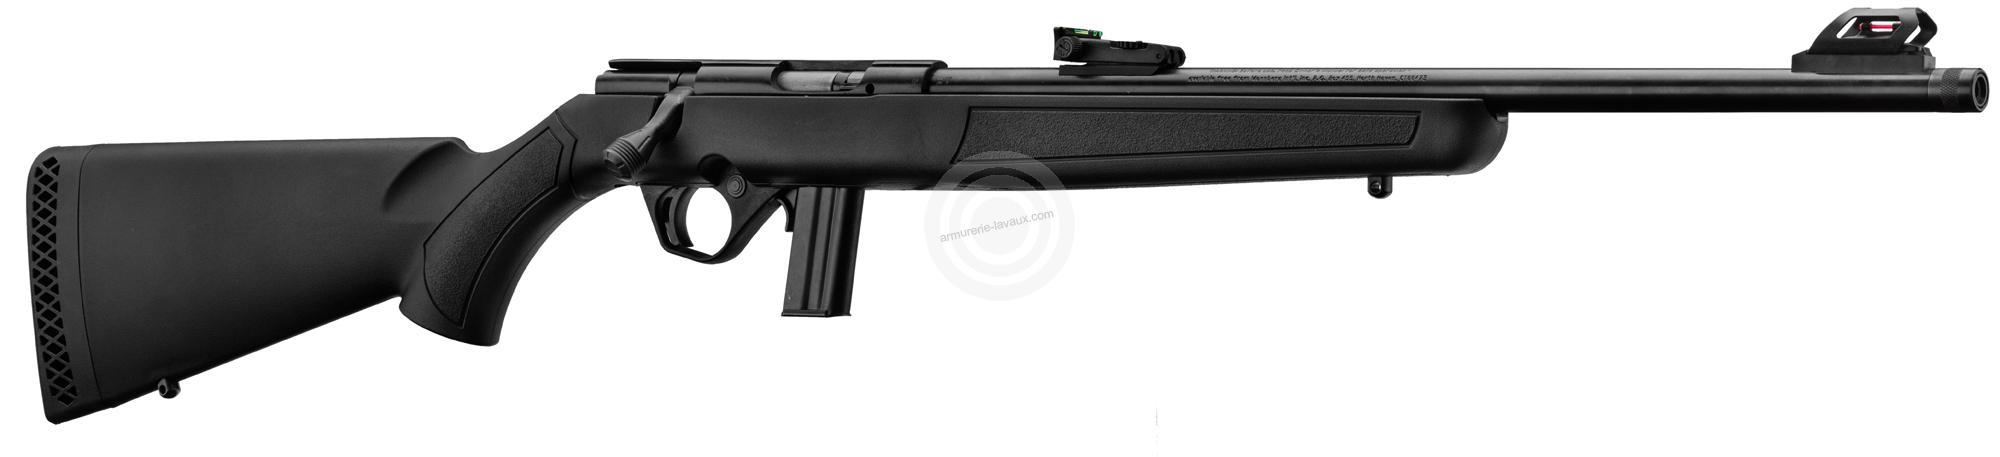 Carabine 22LR MOSSBERG Plinkster 802 synthetique